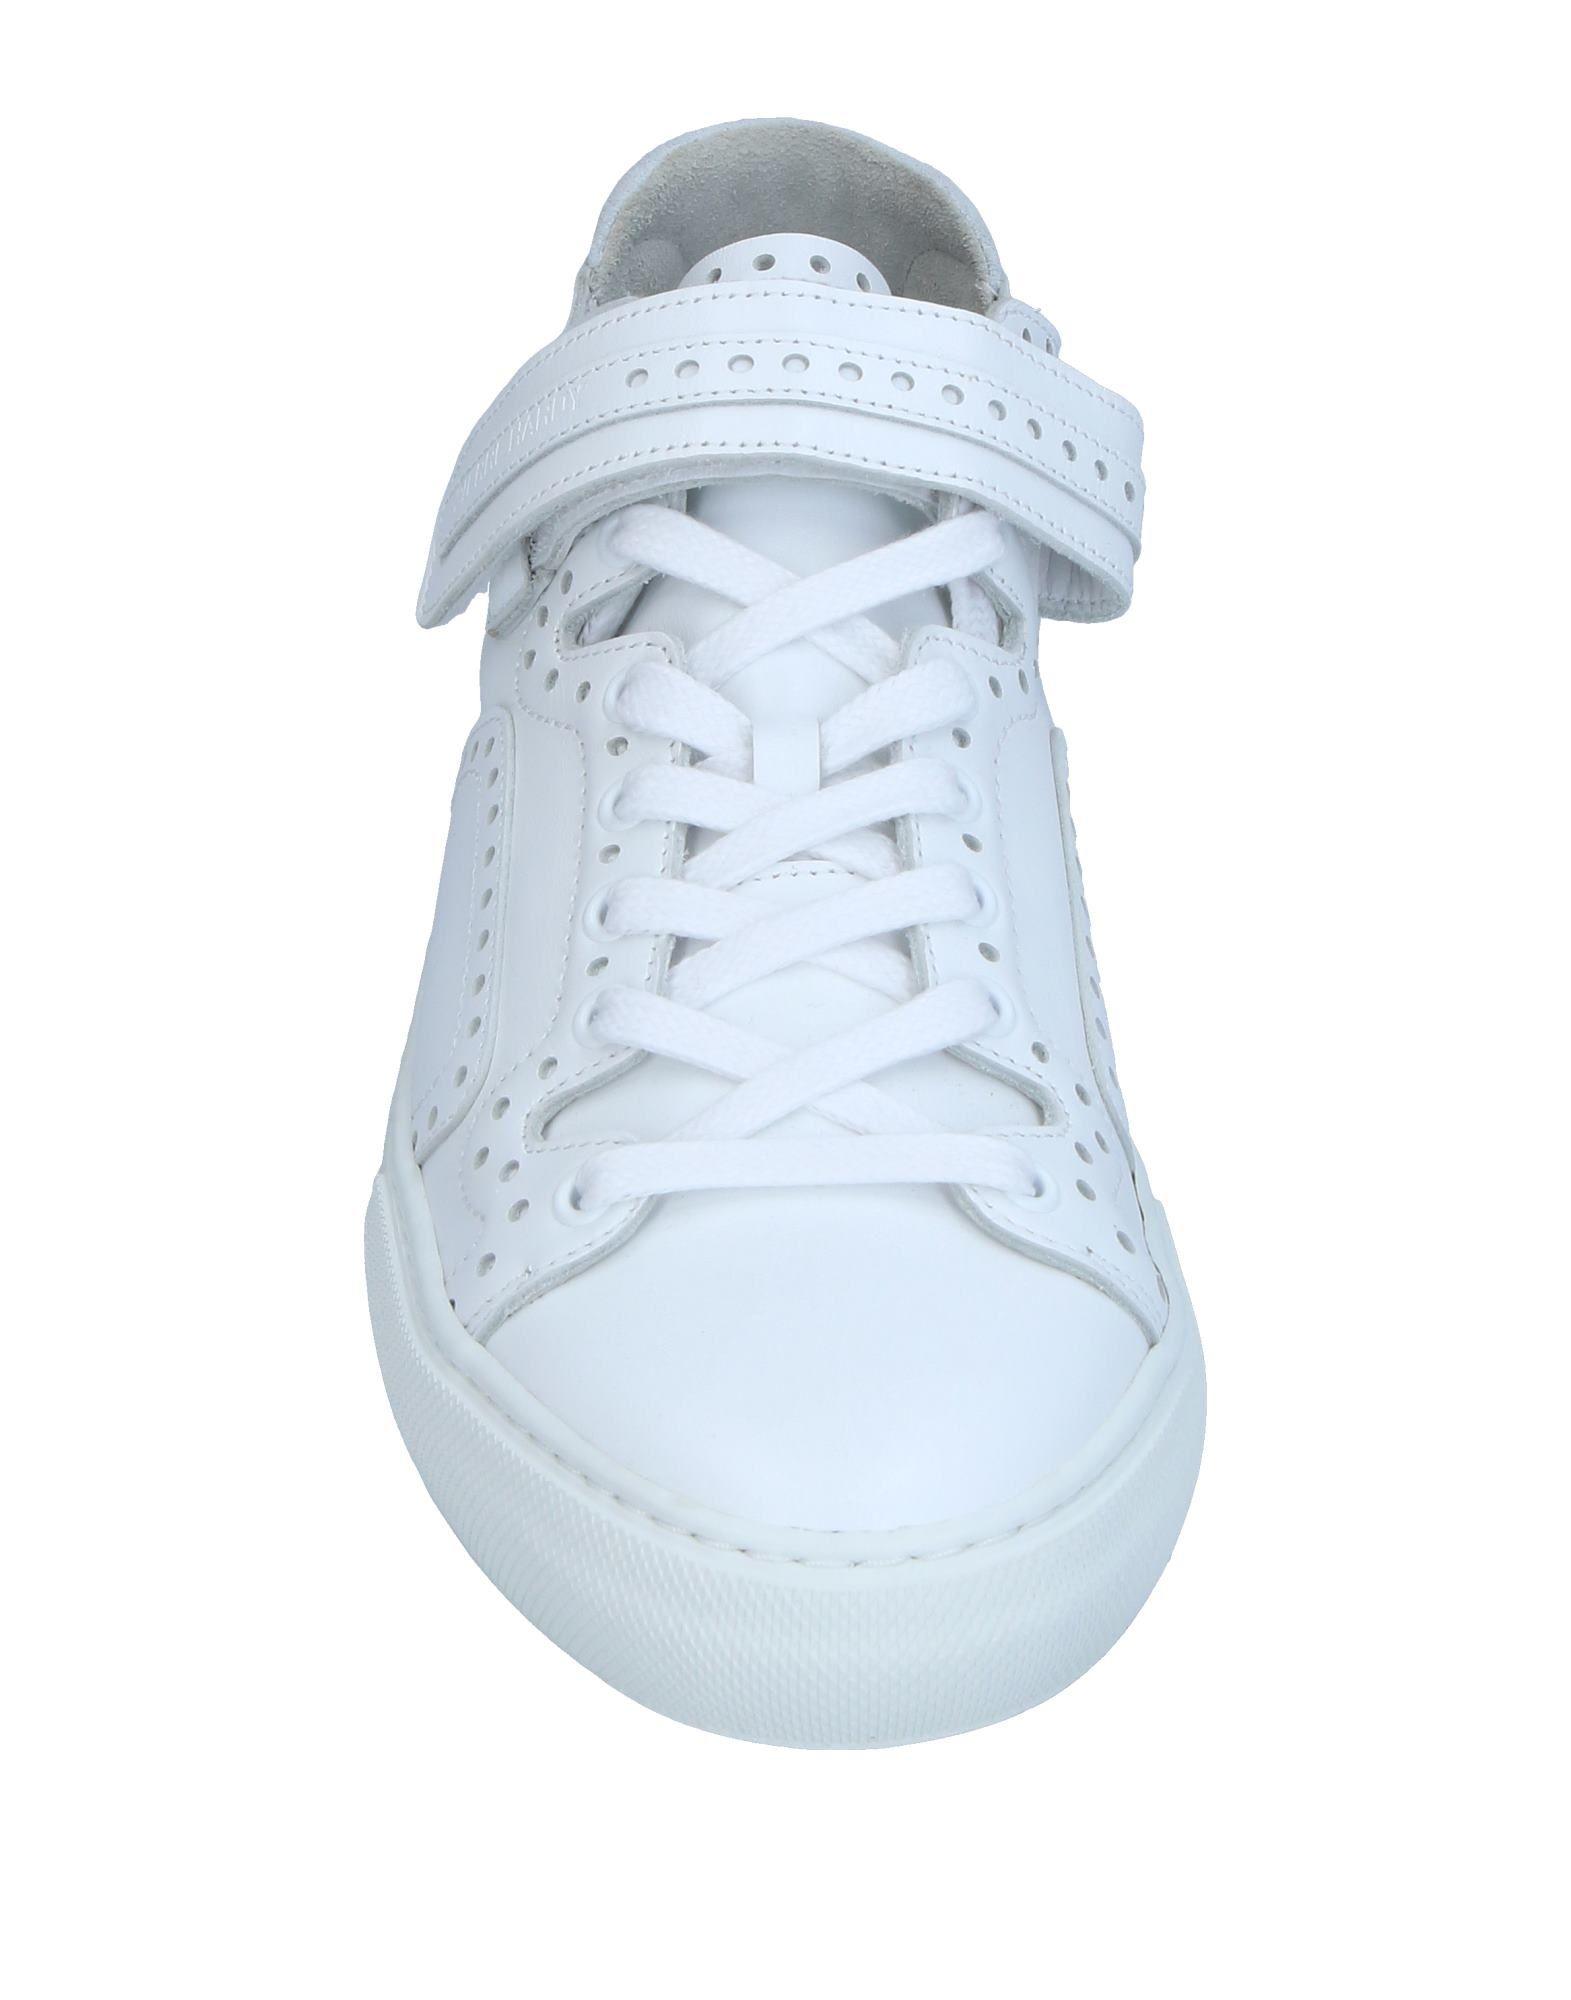 Pierre Hardy Sneakers Qualität Herren  11356927WX Gute Qualität Sneakers beliebte Schuhe 09f3b5